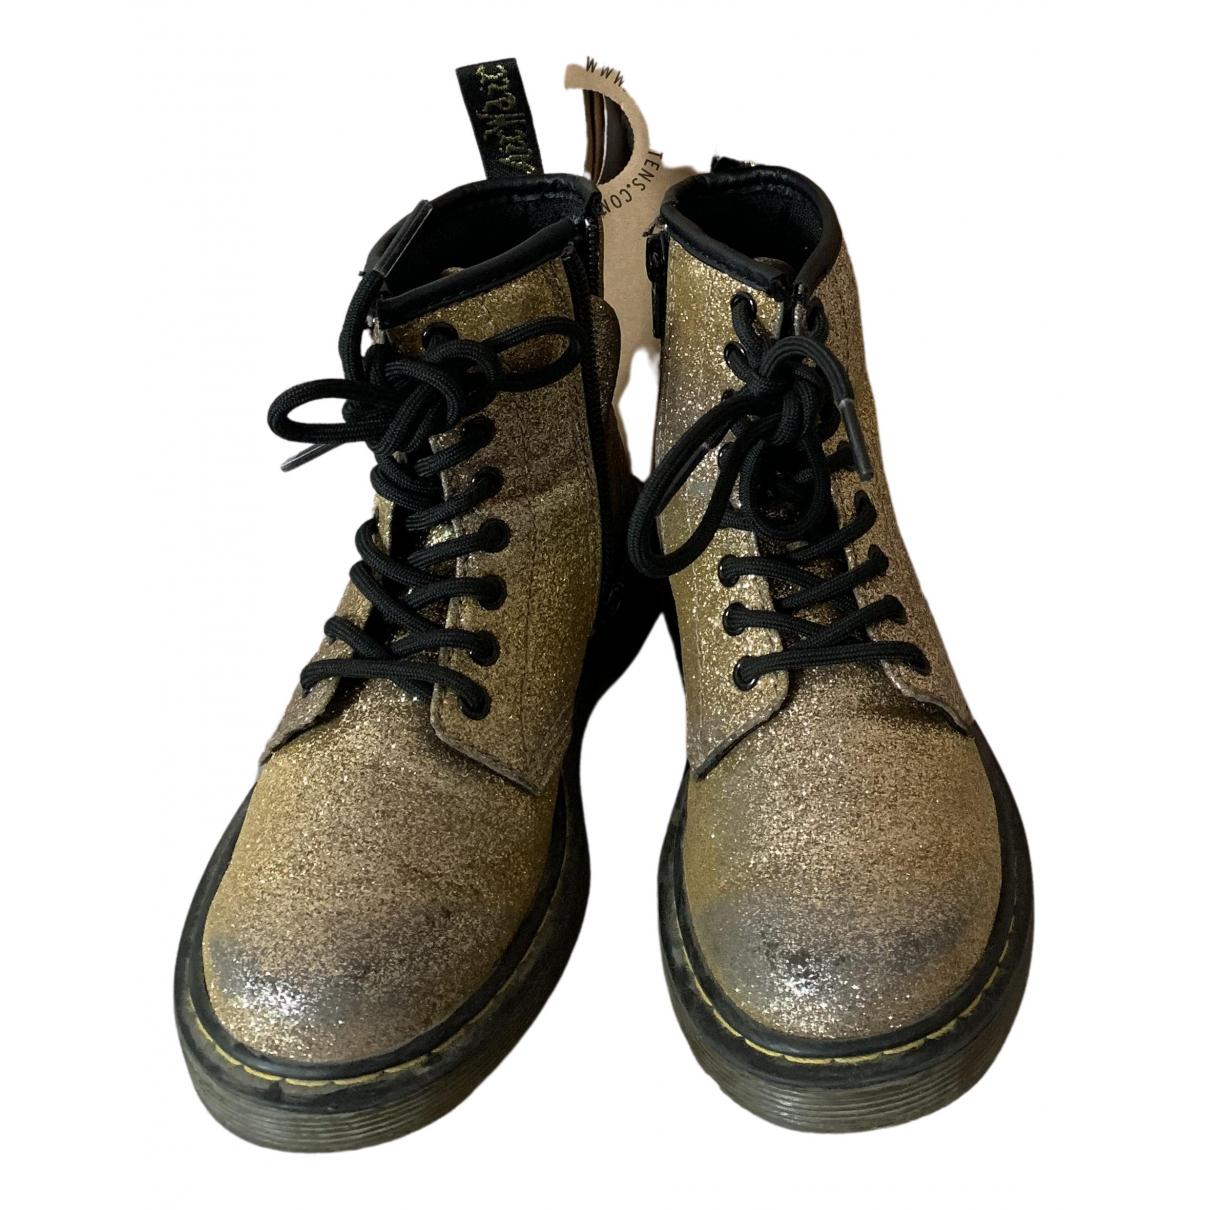 Dr. Martens N Gold Glitter Boots for Kids 30 FR